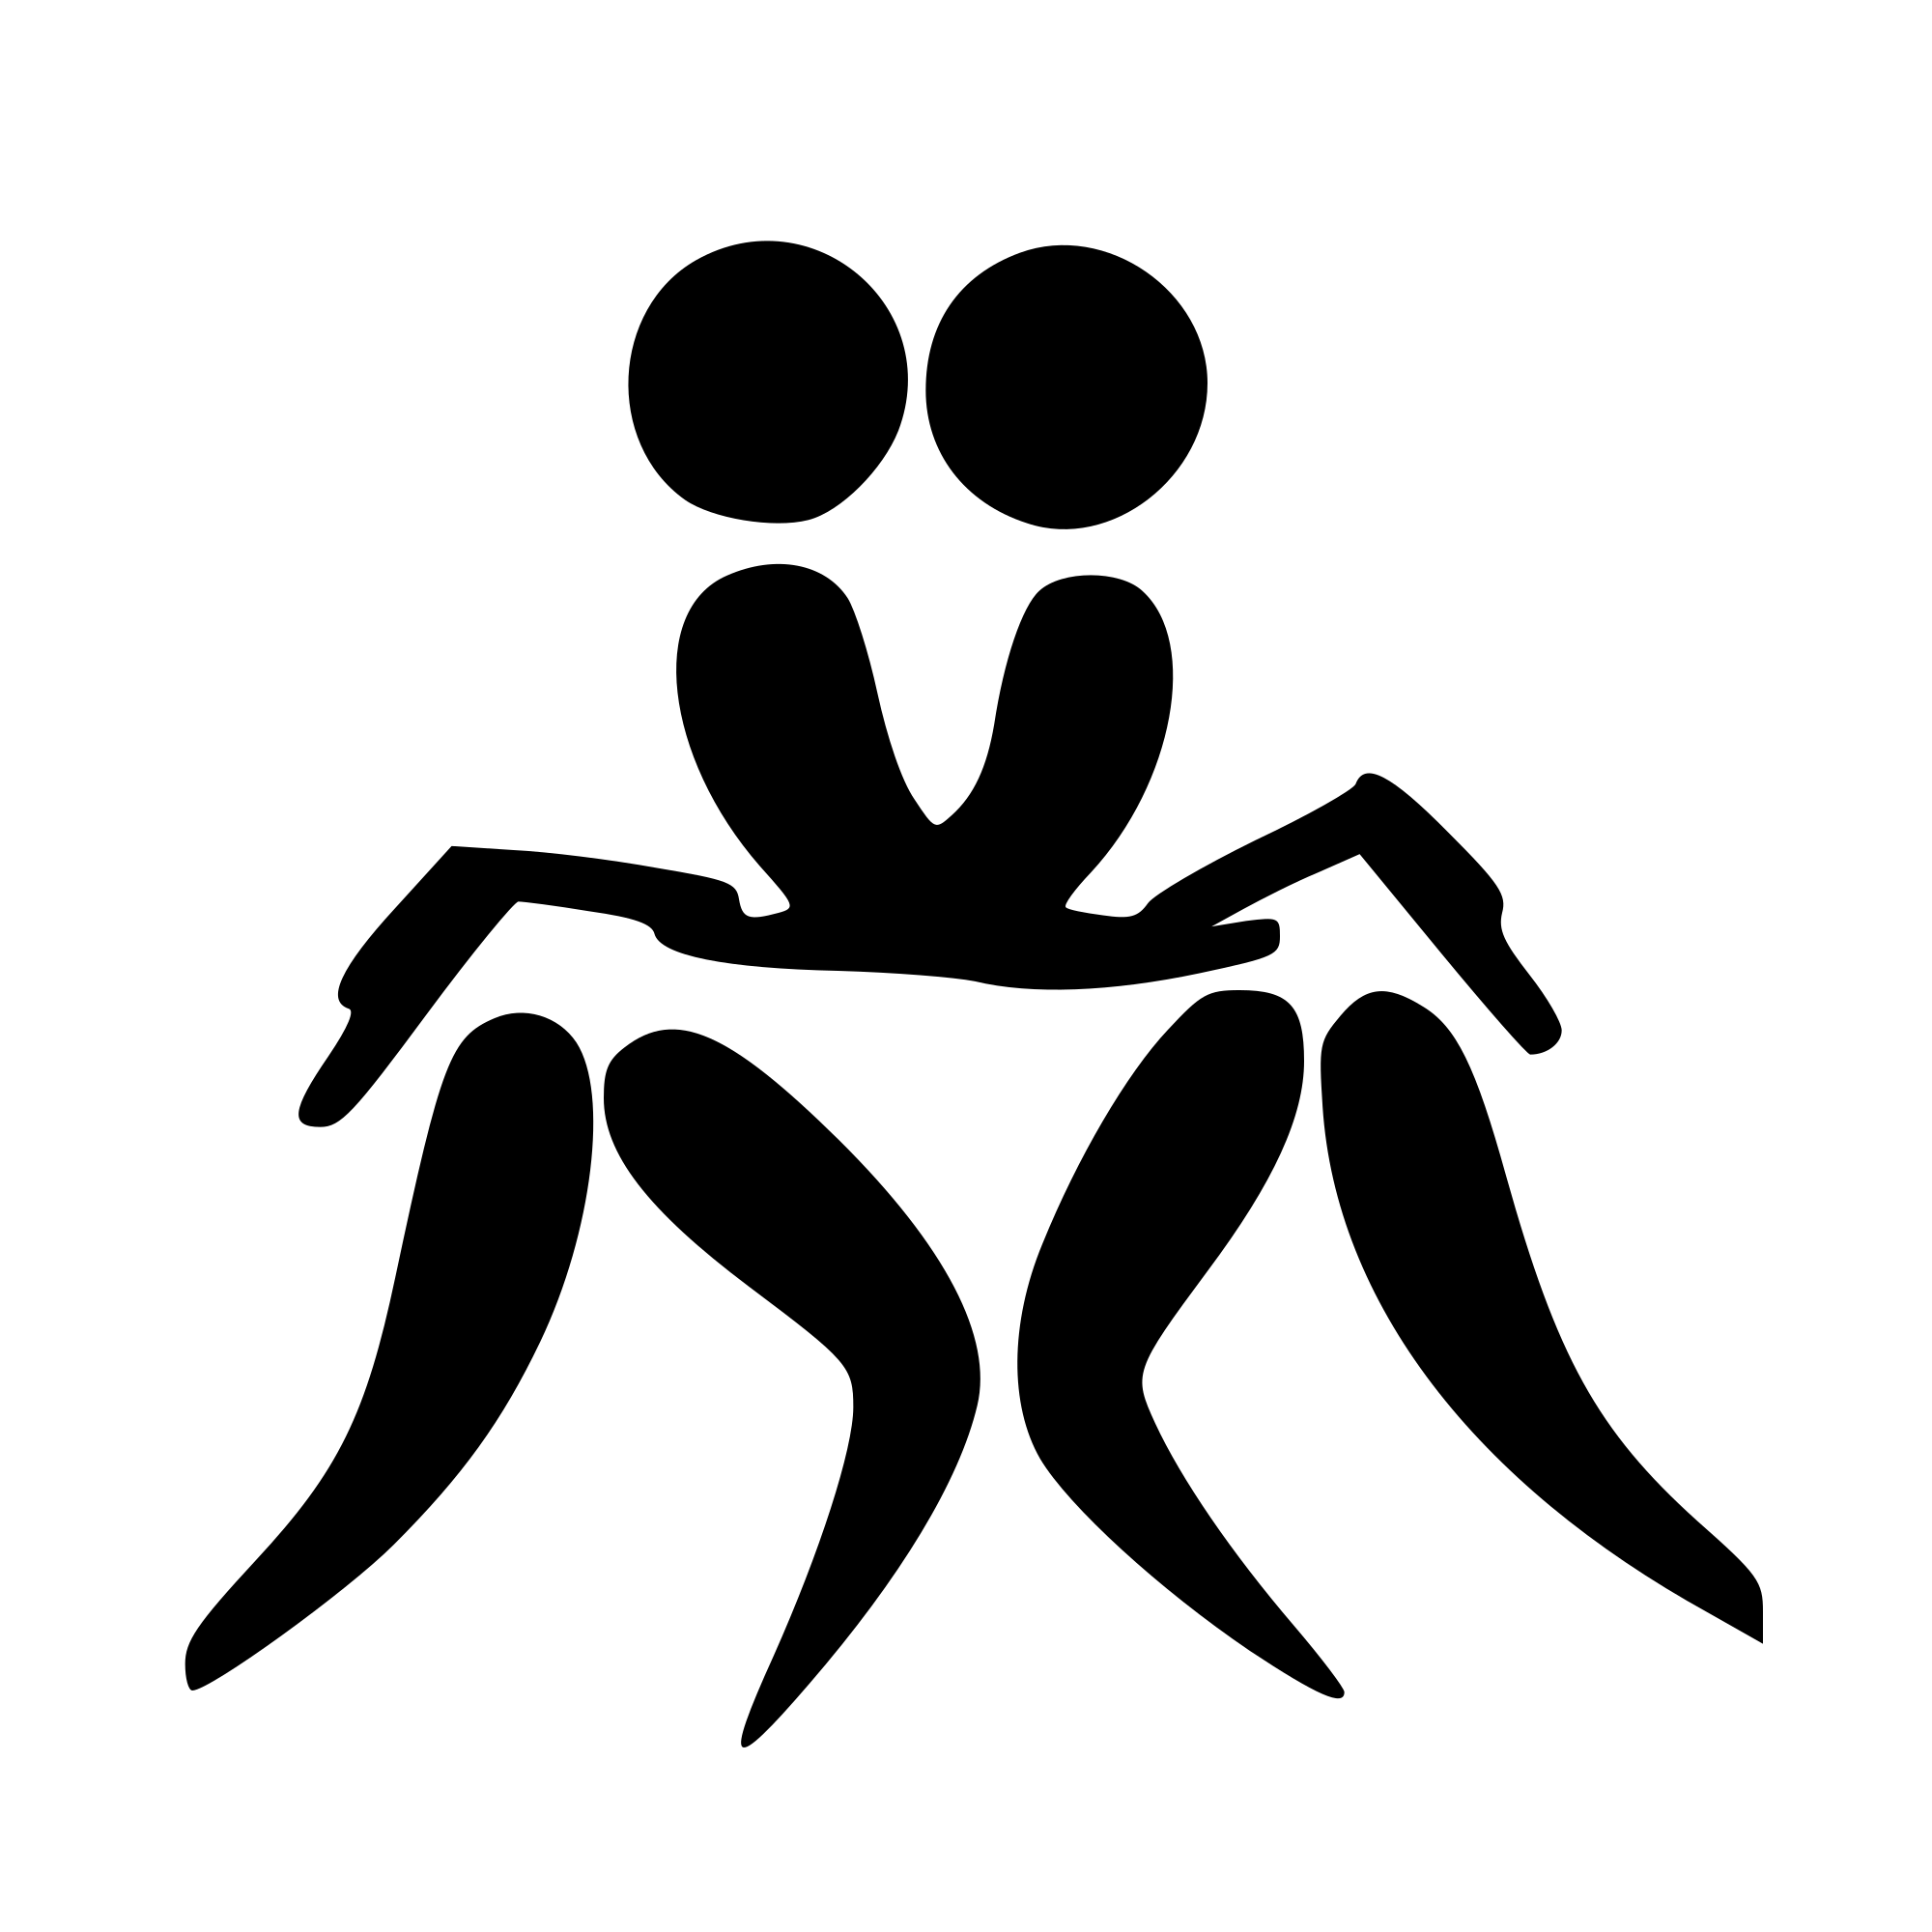 File belt wrestling pictogram. Wrestlers clipart svg